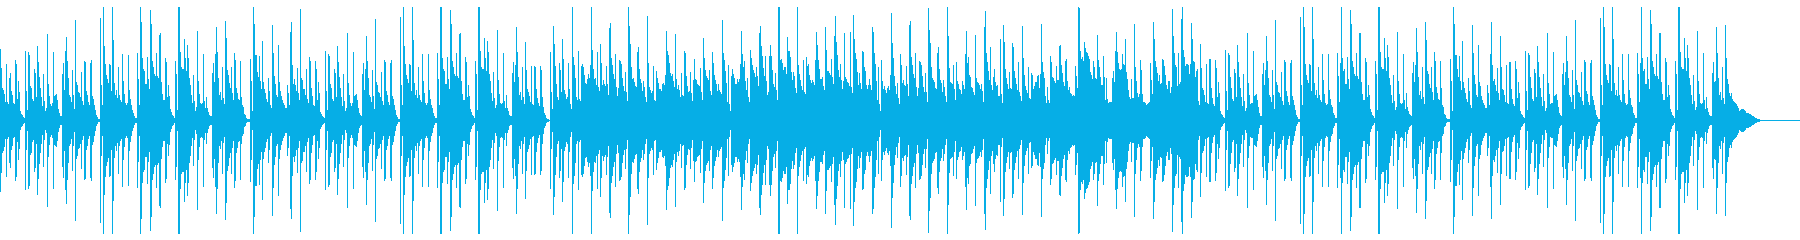 ウクレレと鉄琴のほのぼのポップスの再生済みの波形